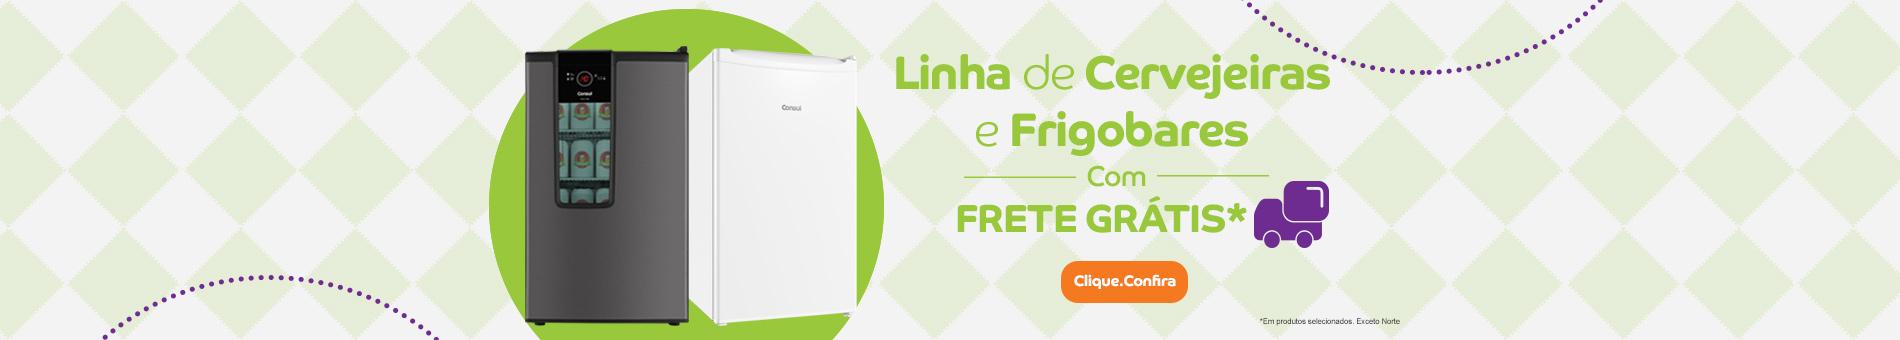 Promoção Interna - 842 - diadefretegratis_cervejeirasefrigobares_home3_23092016 - cervejeirasefrigobares - 3